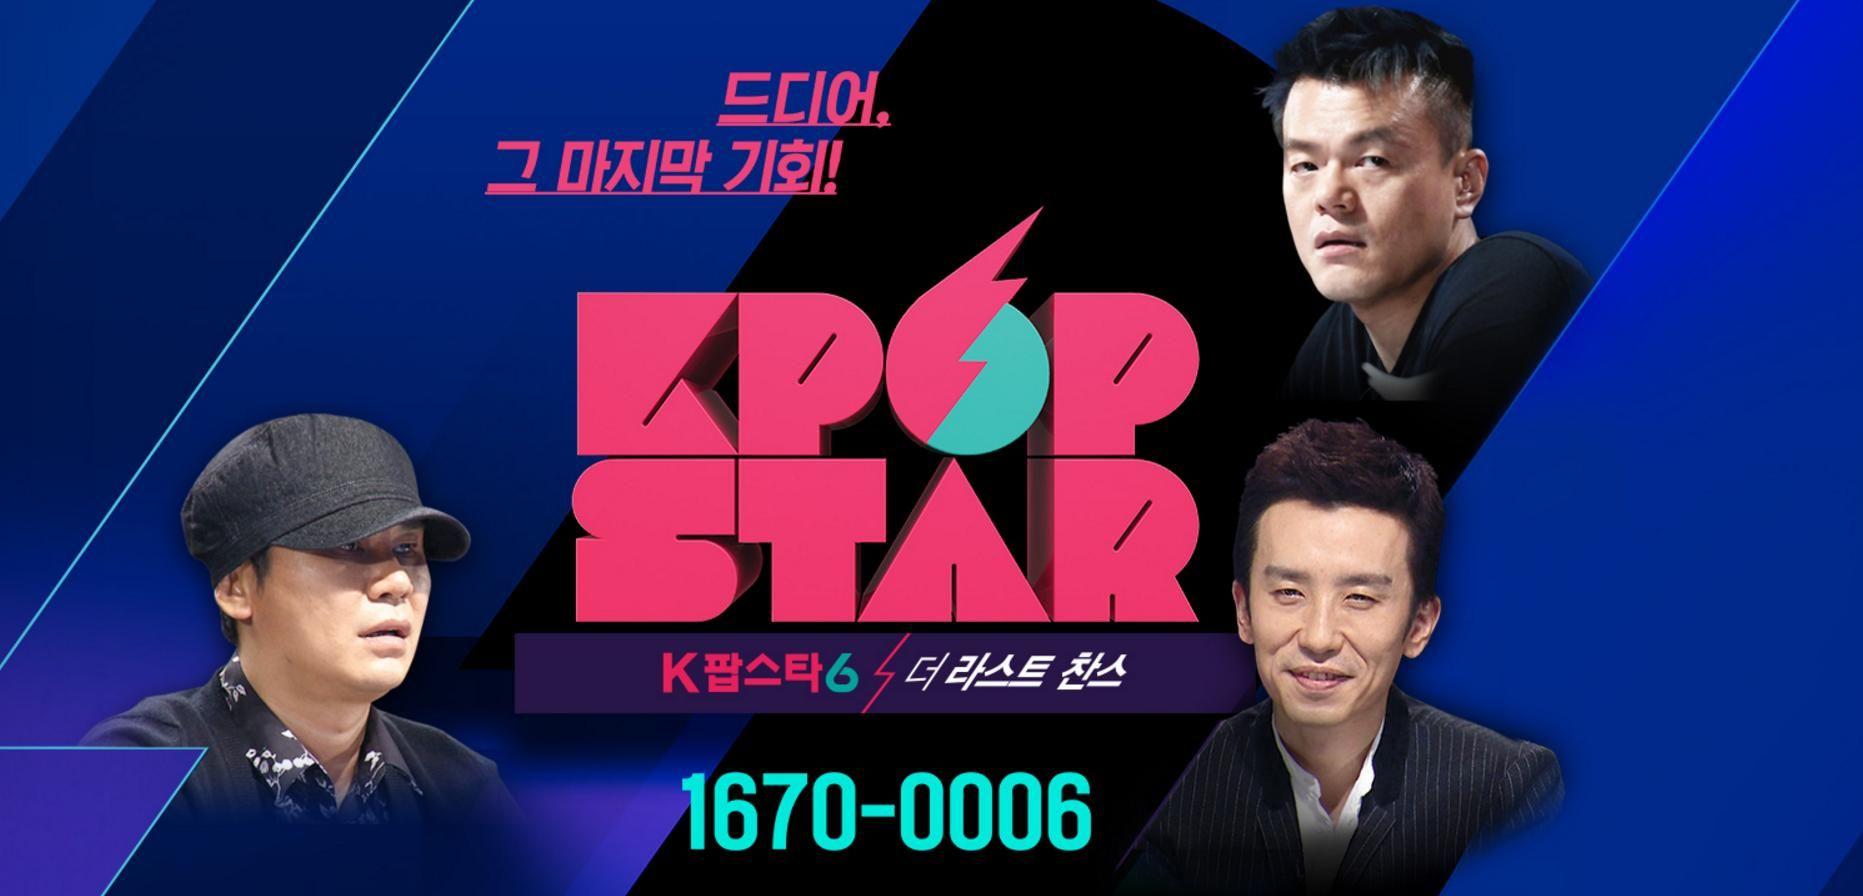 Kpop Star Hunt S2: Episode 8 - YouTube